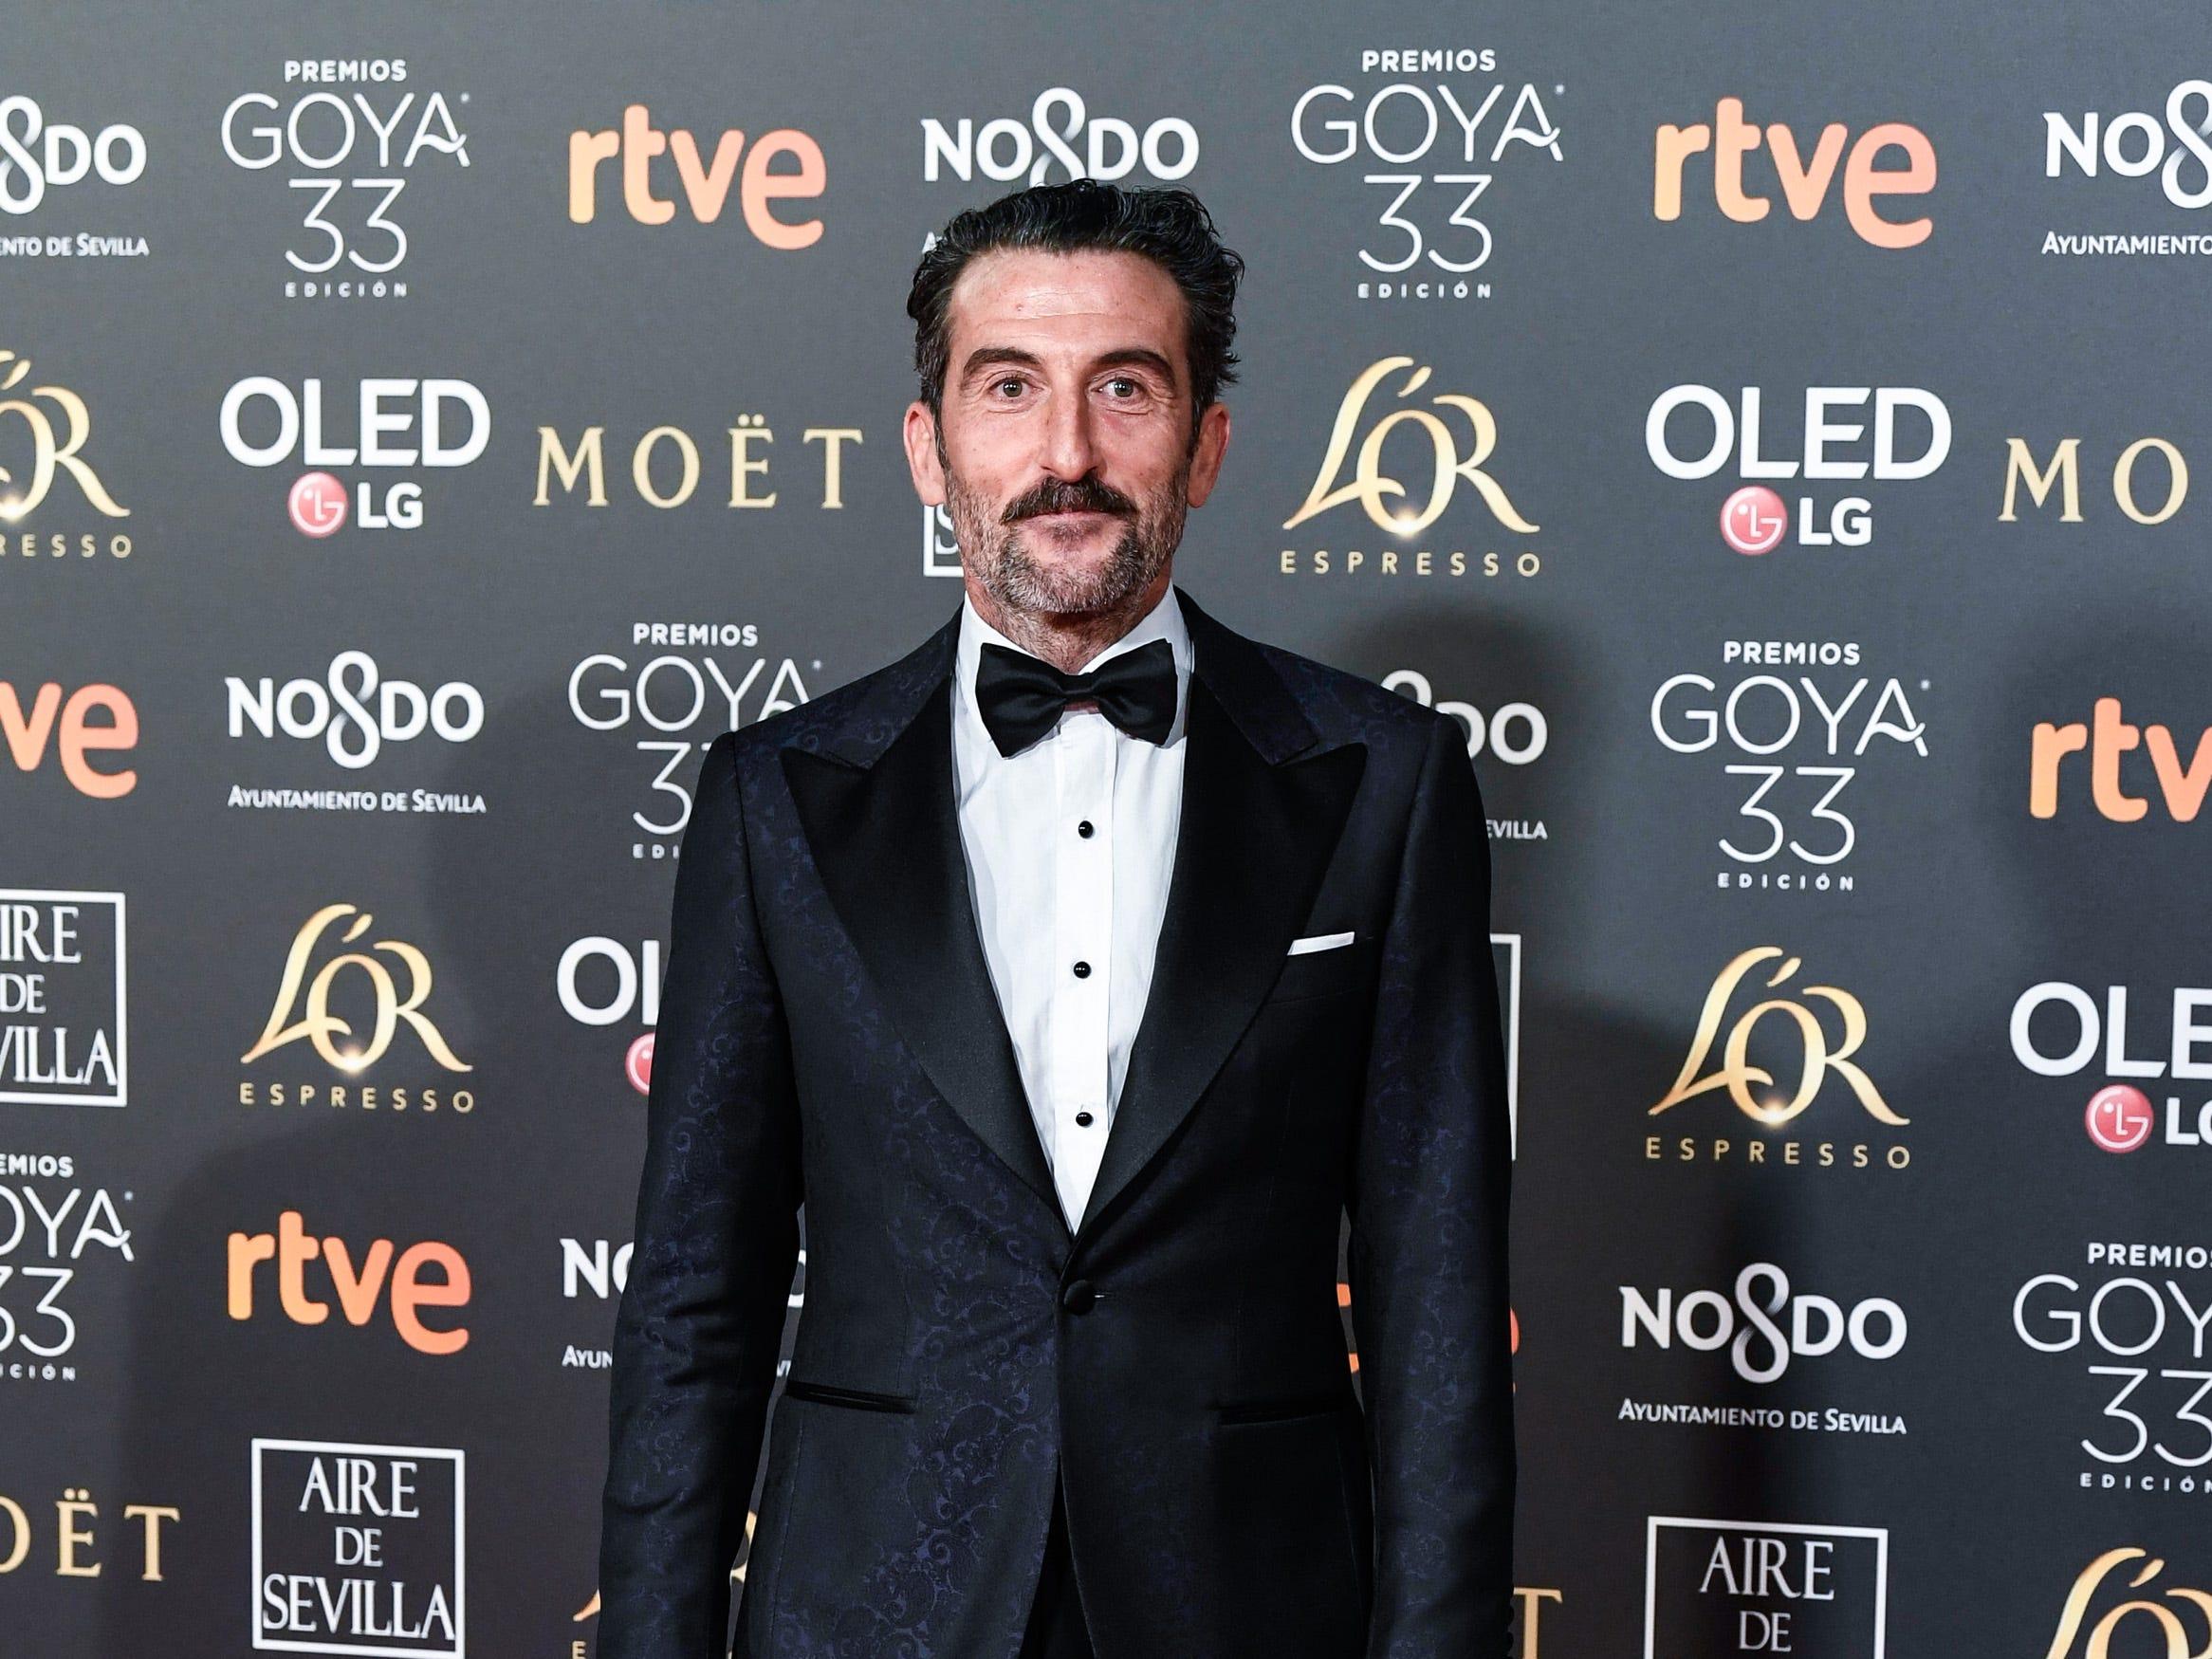 Luis Zahera asiste a la 33ª edición de los Premios de Cine Goya en el Palacio de Congresos y Exposiciones FIBES el 2 de febrero de 2019 en Sevilla, España.